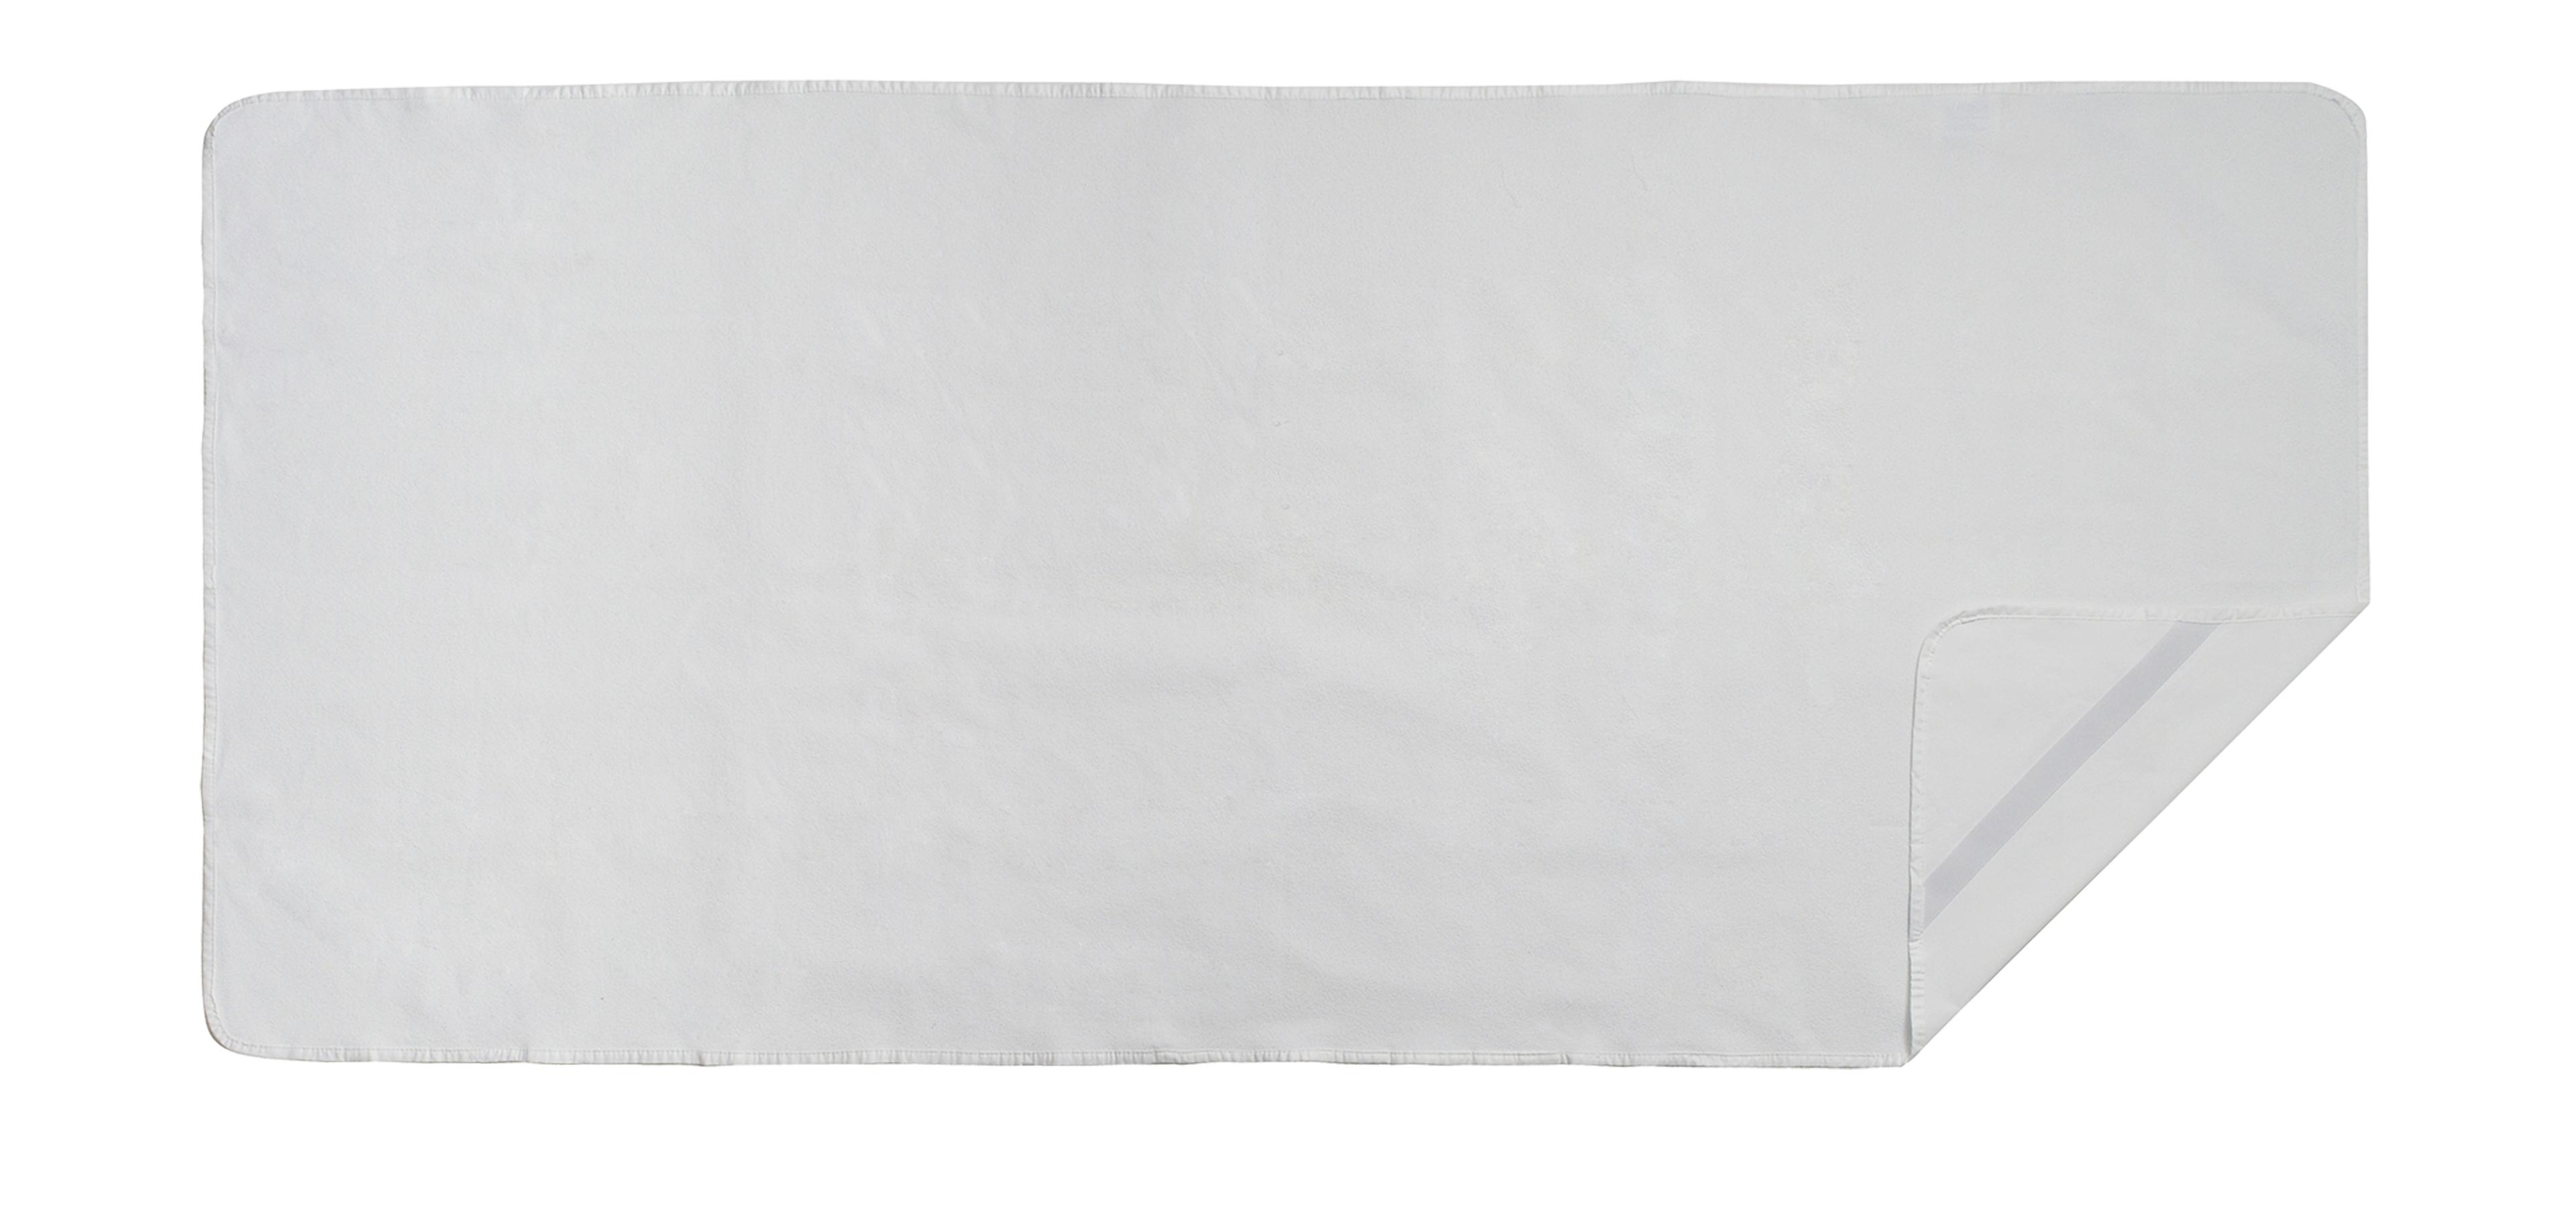 Chránič matrace Klinipur - 80 x 200 cm - Klinmam